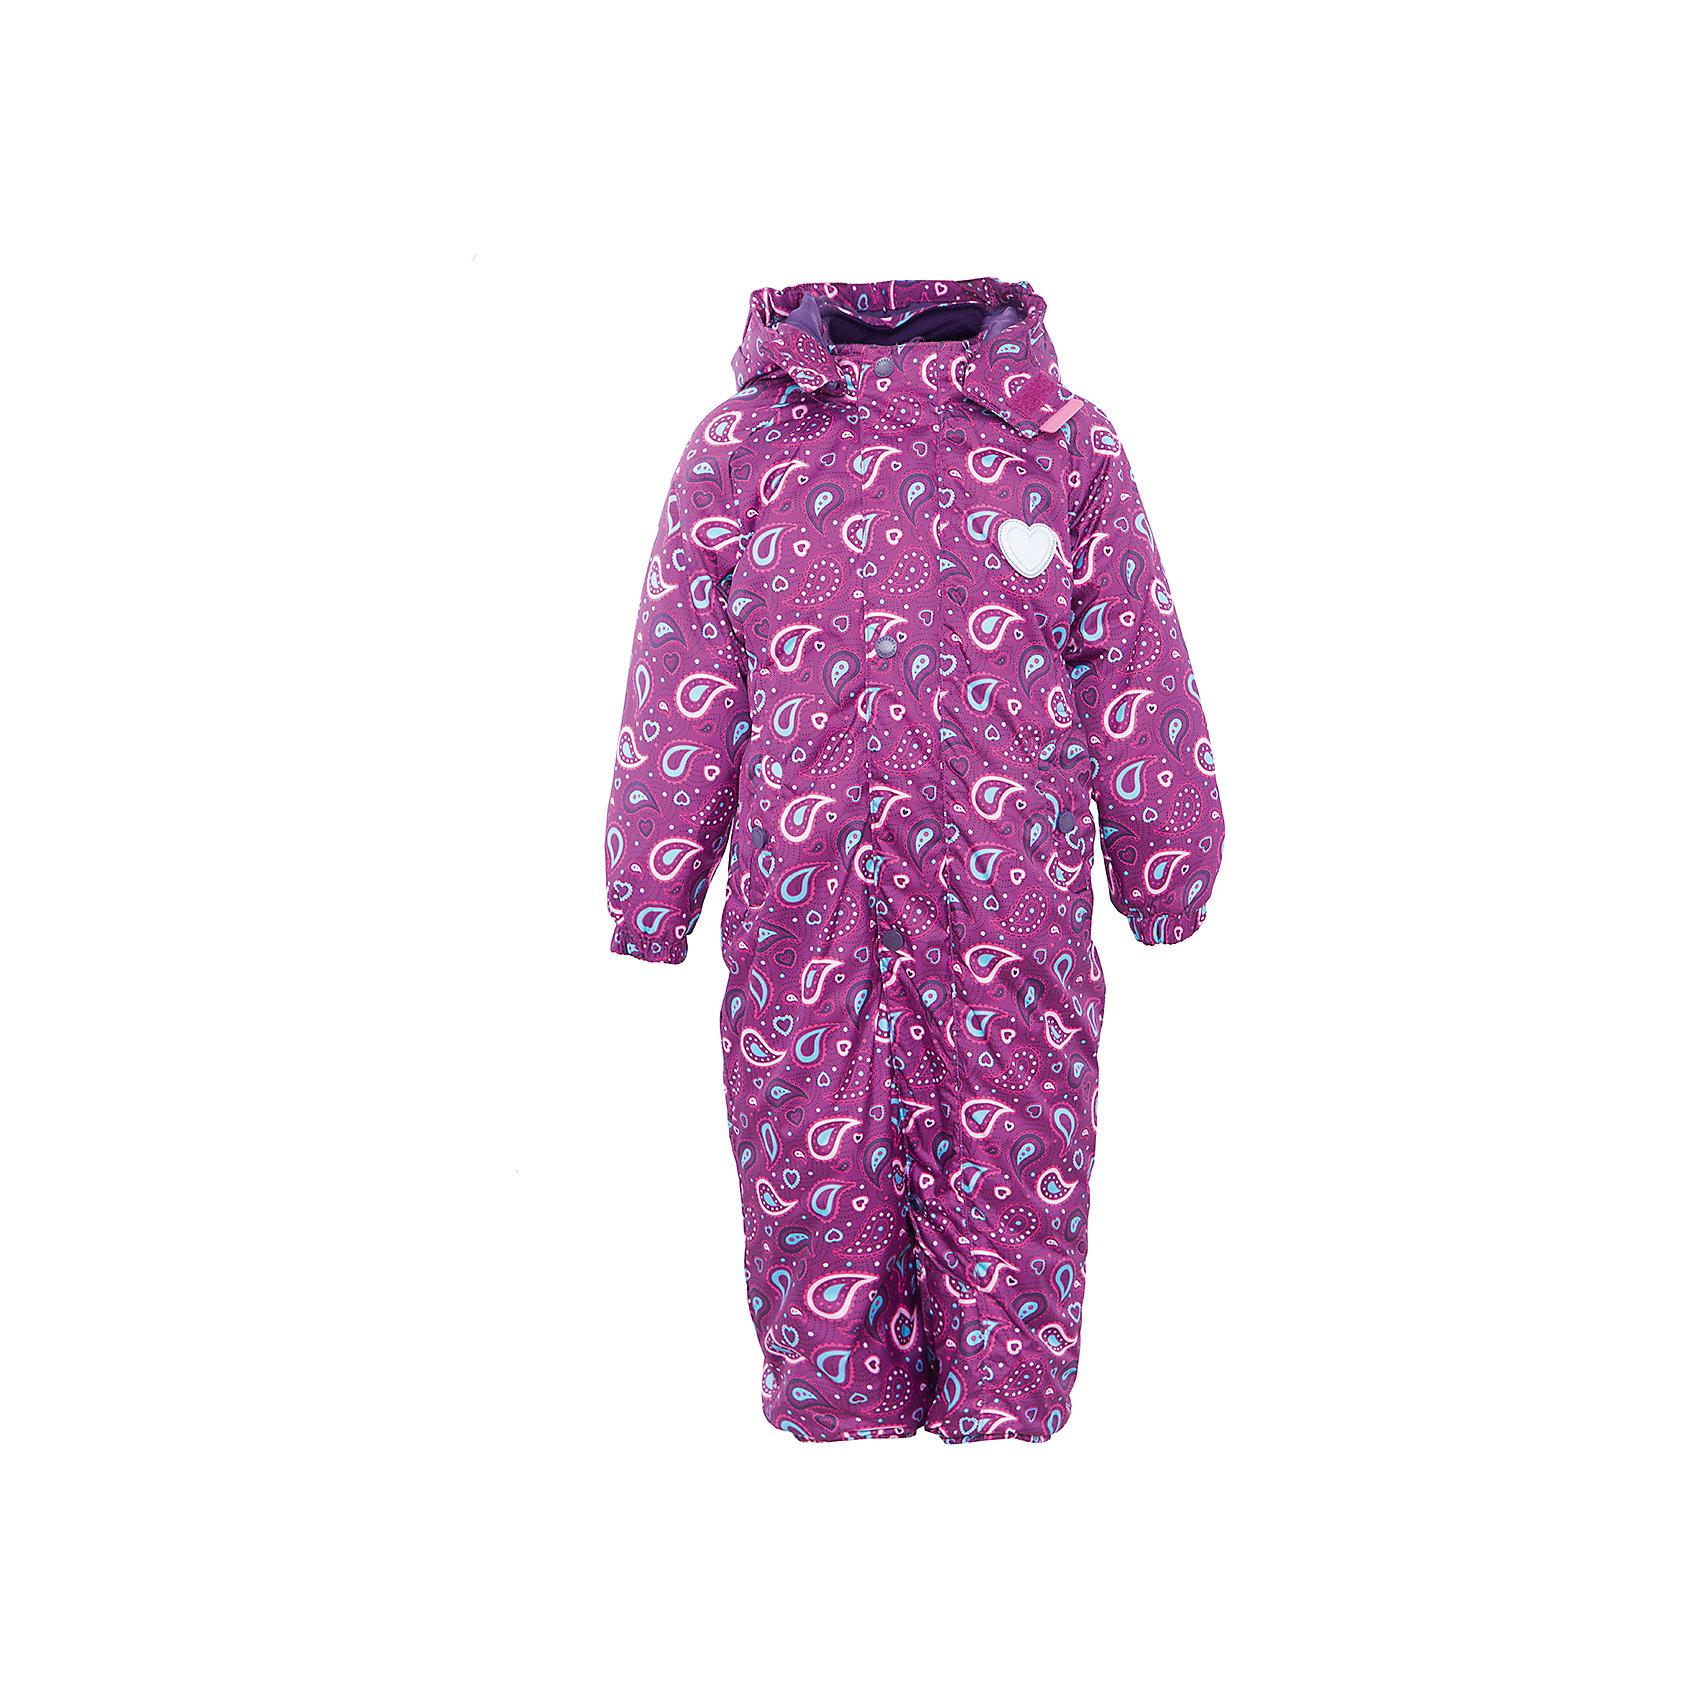 Комбинезон для девочки PremontВерхняя одежда<br>Характеристики товара:<br><br>• цвет: фиолетовый<br>• состав: мембрана 3000мм/3000г/м2/24h<br>• подкладка: трикотаж, Taffeta <br>• утеплитель - Tech-polyfill (120г/м2)<br>• светоотражающие элементы<br>• температурный режим: от -5°С до +10°С<br>• застежка - молния<br>• капюшон съемный с утяжкой<br>• принт<br>• ветронепроницаемый, водо- и грязеотталкивающий и дышащий материал<br>• эластичные манжеты<br>• комфортная посадка<br>• страна бренда: Канада<br><br>Демисезонный комбинезон - универсальный вариант и для прохладной осени, и для первых заморозков. Эта модель - модная и удобная одновременно! Комбинезон отличается стильным ярким дизайном. Комплект хорошо сидит по фигуре, отлично сочетается с различной обувью. Вещь была разработана специально для детей.<br><br>Одежда от канадского бренда Premont уже завоевала популярностью у многих детей и их родителей. Вещи, выпускаемые компанией, качественные, продуманные и очень удобные. Для производства коллекций используются только безопасные для детей материалы.<br><br>Комбинезон для девочки от бренда Premont можно купить в нашем интернет-магазине.<br><br>Ширина мм: 356<br>Глубина мм: 10<br>Высота мм: 245<br>Вес г: 519<br>Цвет: розовый<br>Возраст от месяцев: 24<br>Возраст до месяцев: 36<br>Пол: Женский<br>Возраст: Детский<br>Размер: 98,92,68,74,80,86<br>SKU: 5352923